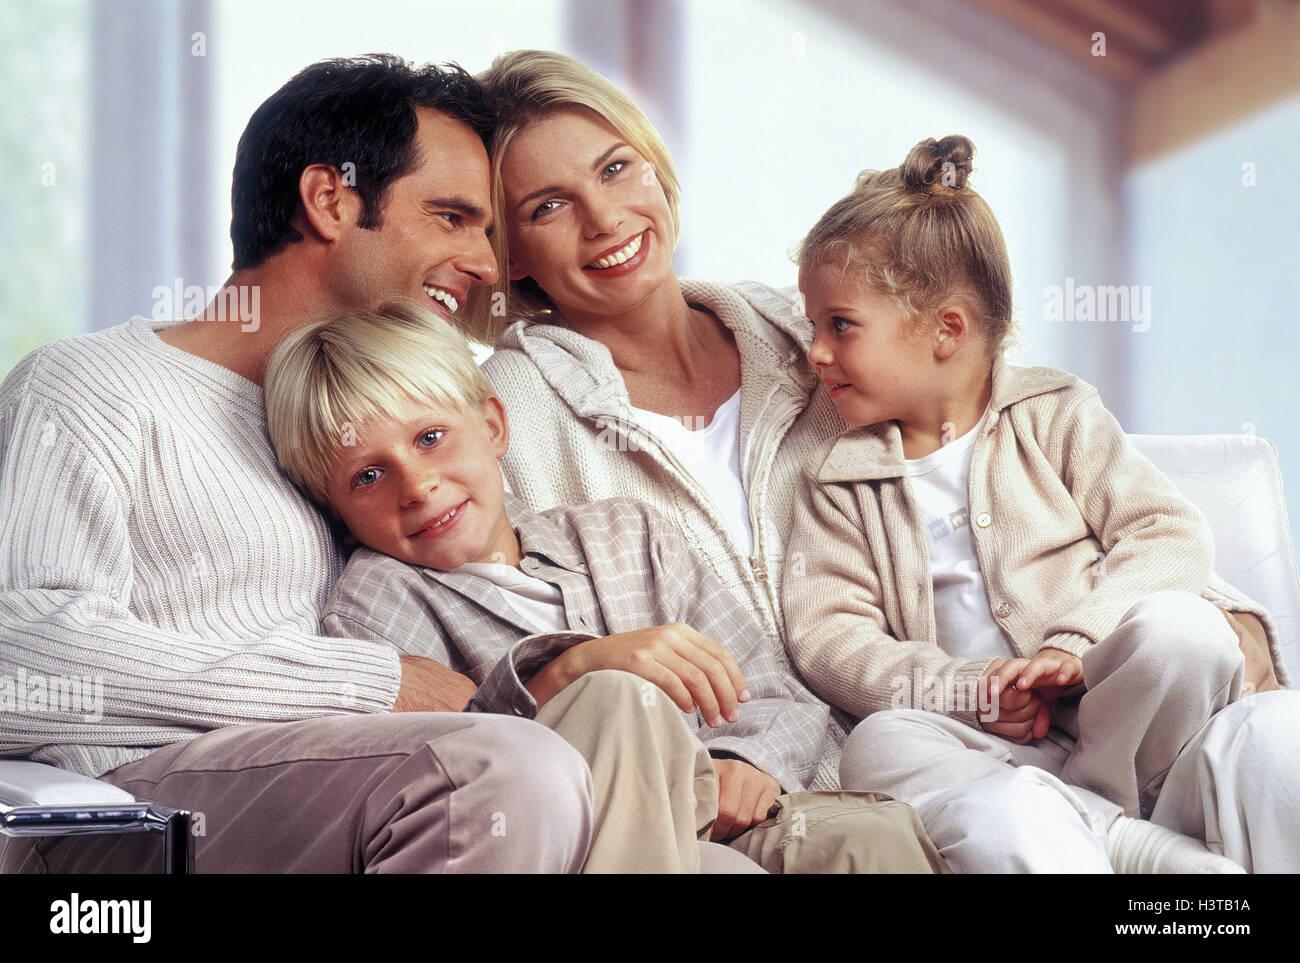 Familie, Couch, lachen, glücklich, kuscheln, harmonisch Familien, paar, Eltern, Kinder, zwei, jungen, Mädchen, Stockbild